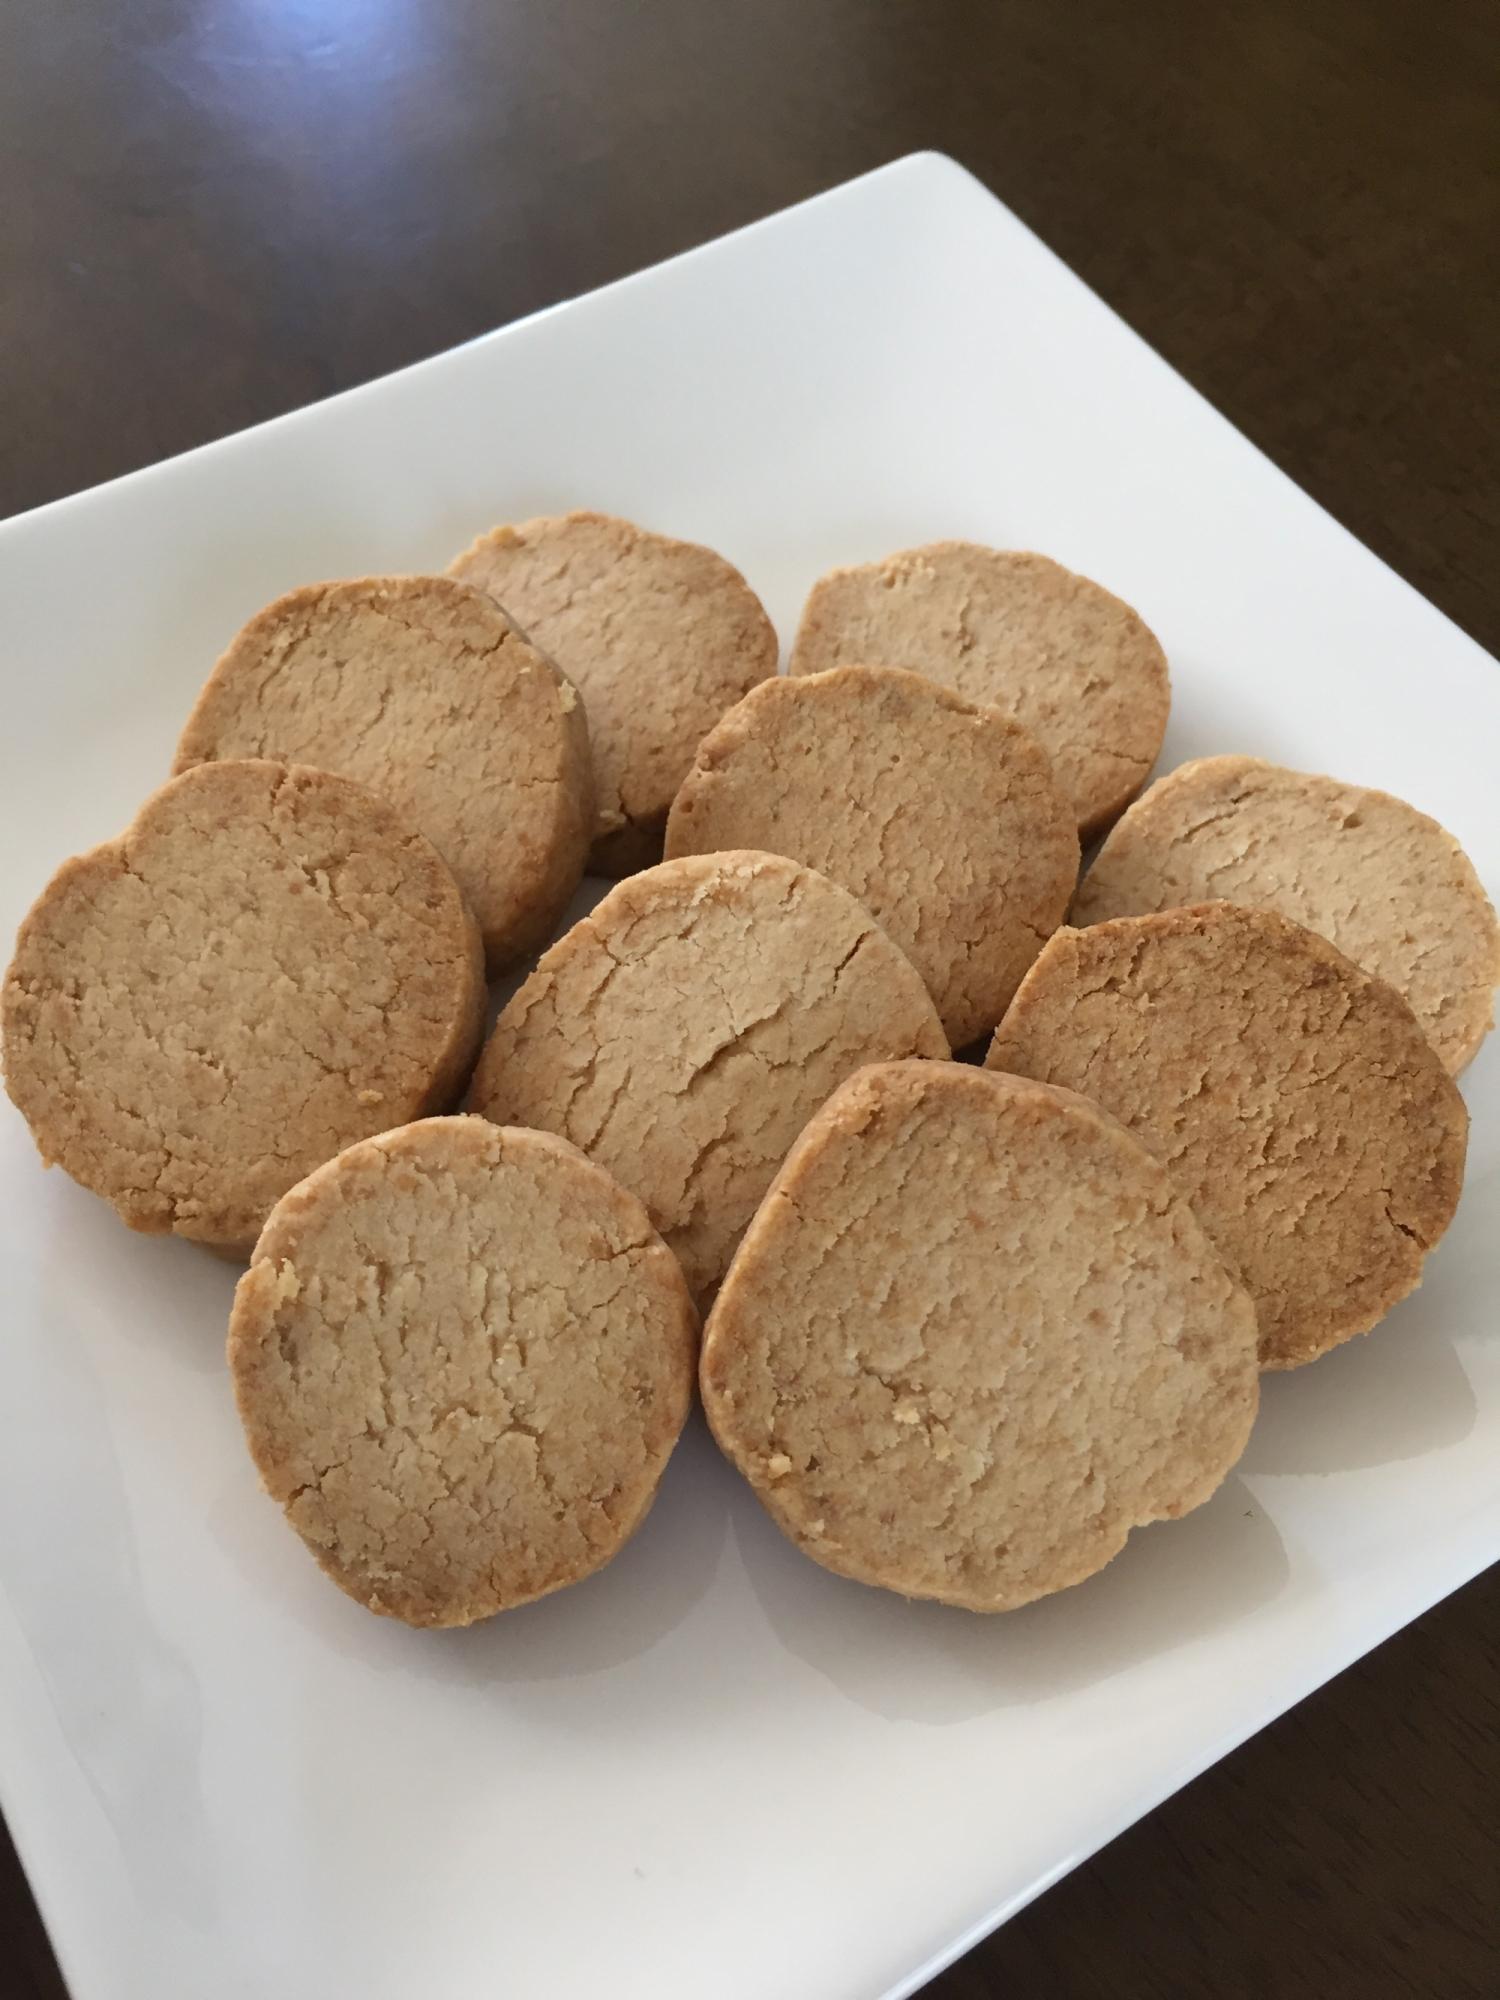 2. グルテンフリー ザクザクココナッツオイルクッキー